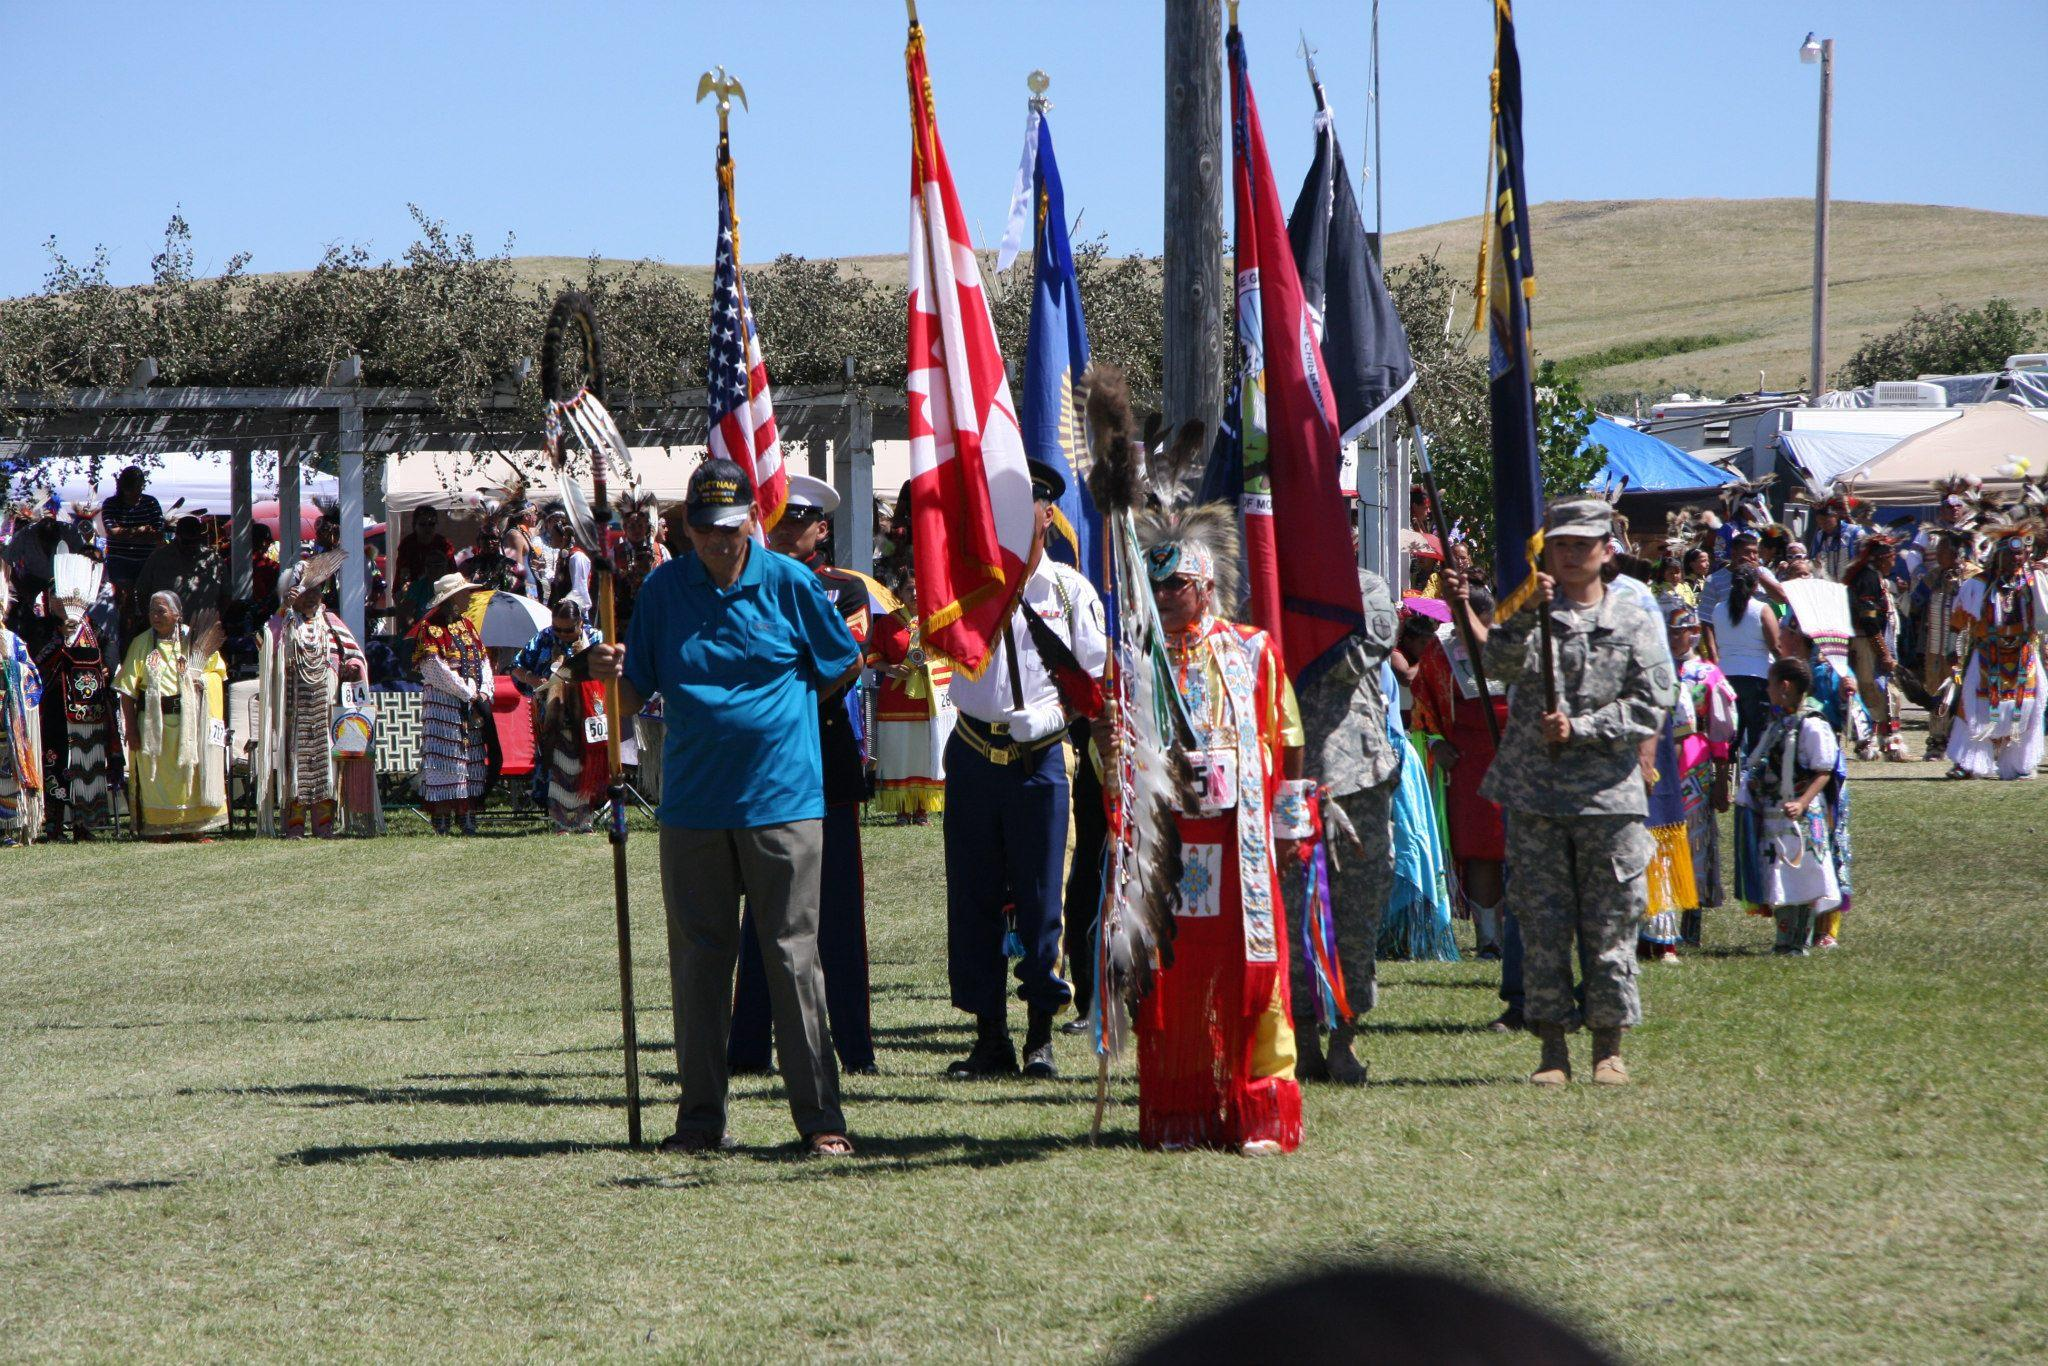 Rocky Boy Amp Shoshone Bannock Festival Feature 8 1 Ksut